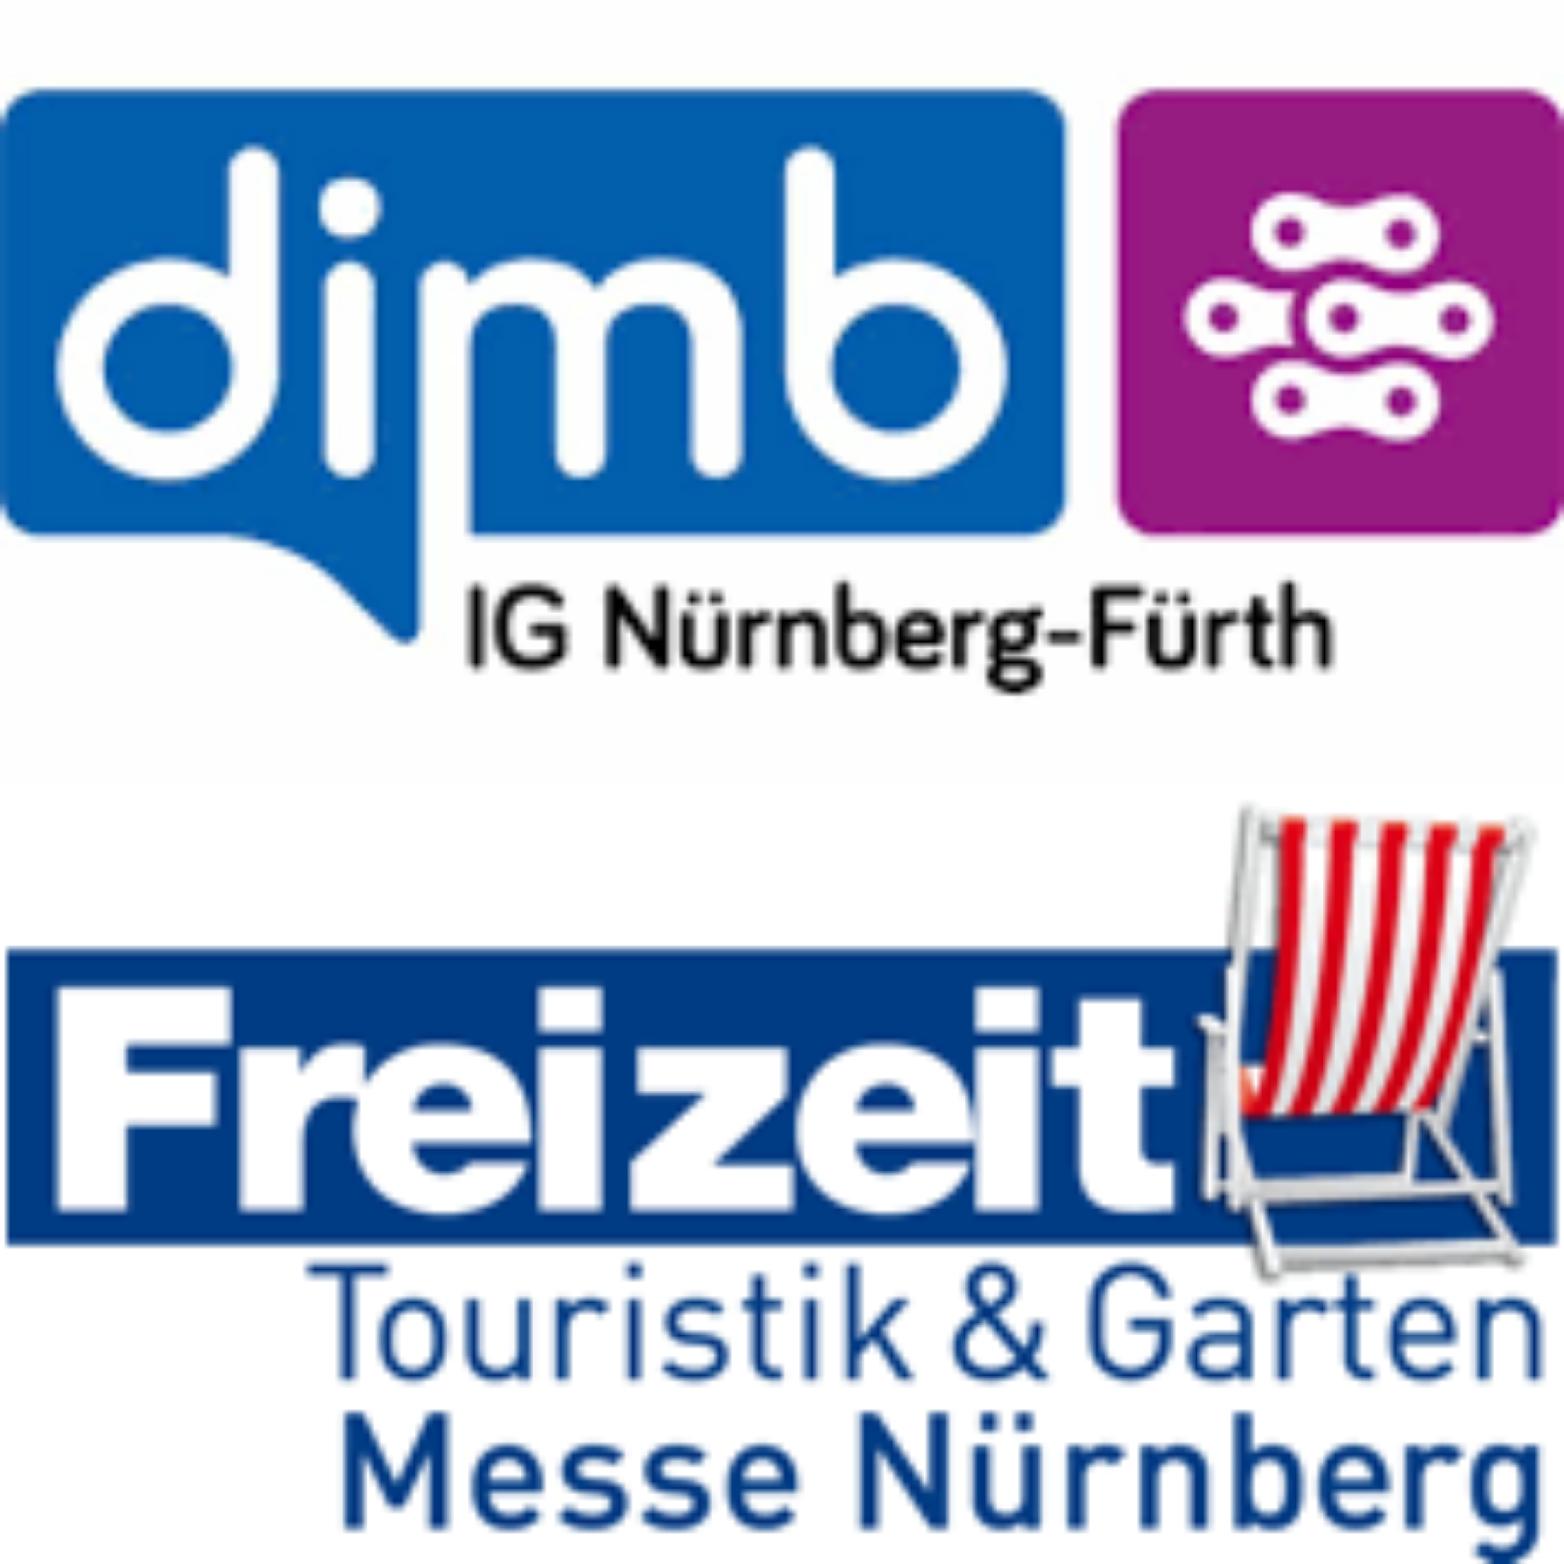 Wir auf der Freizeitmesse Nürnberg!